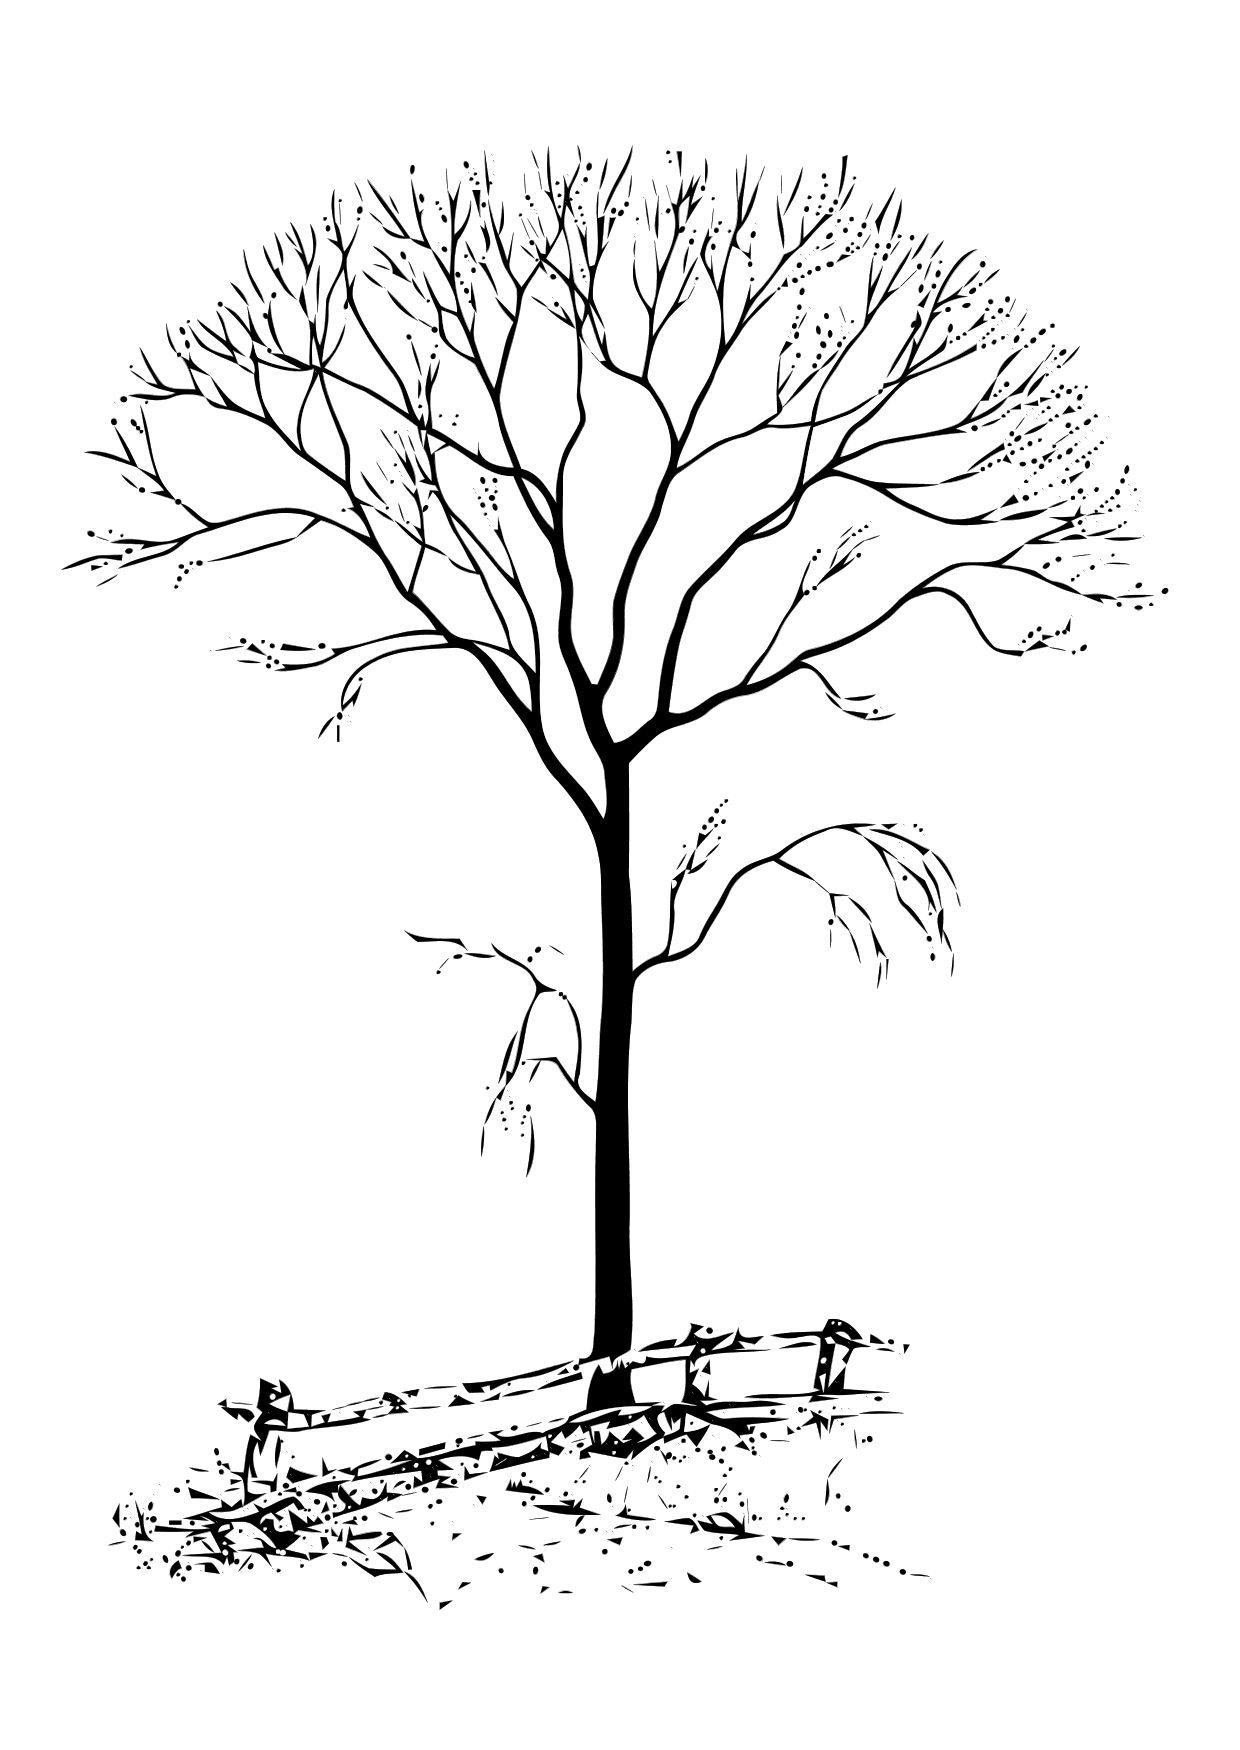 Disegno da colorare albero spoglio cat 11331 for Foto di alberi da colorare